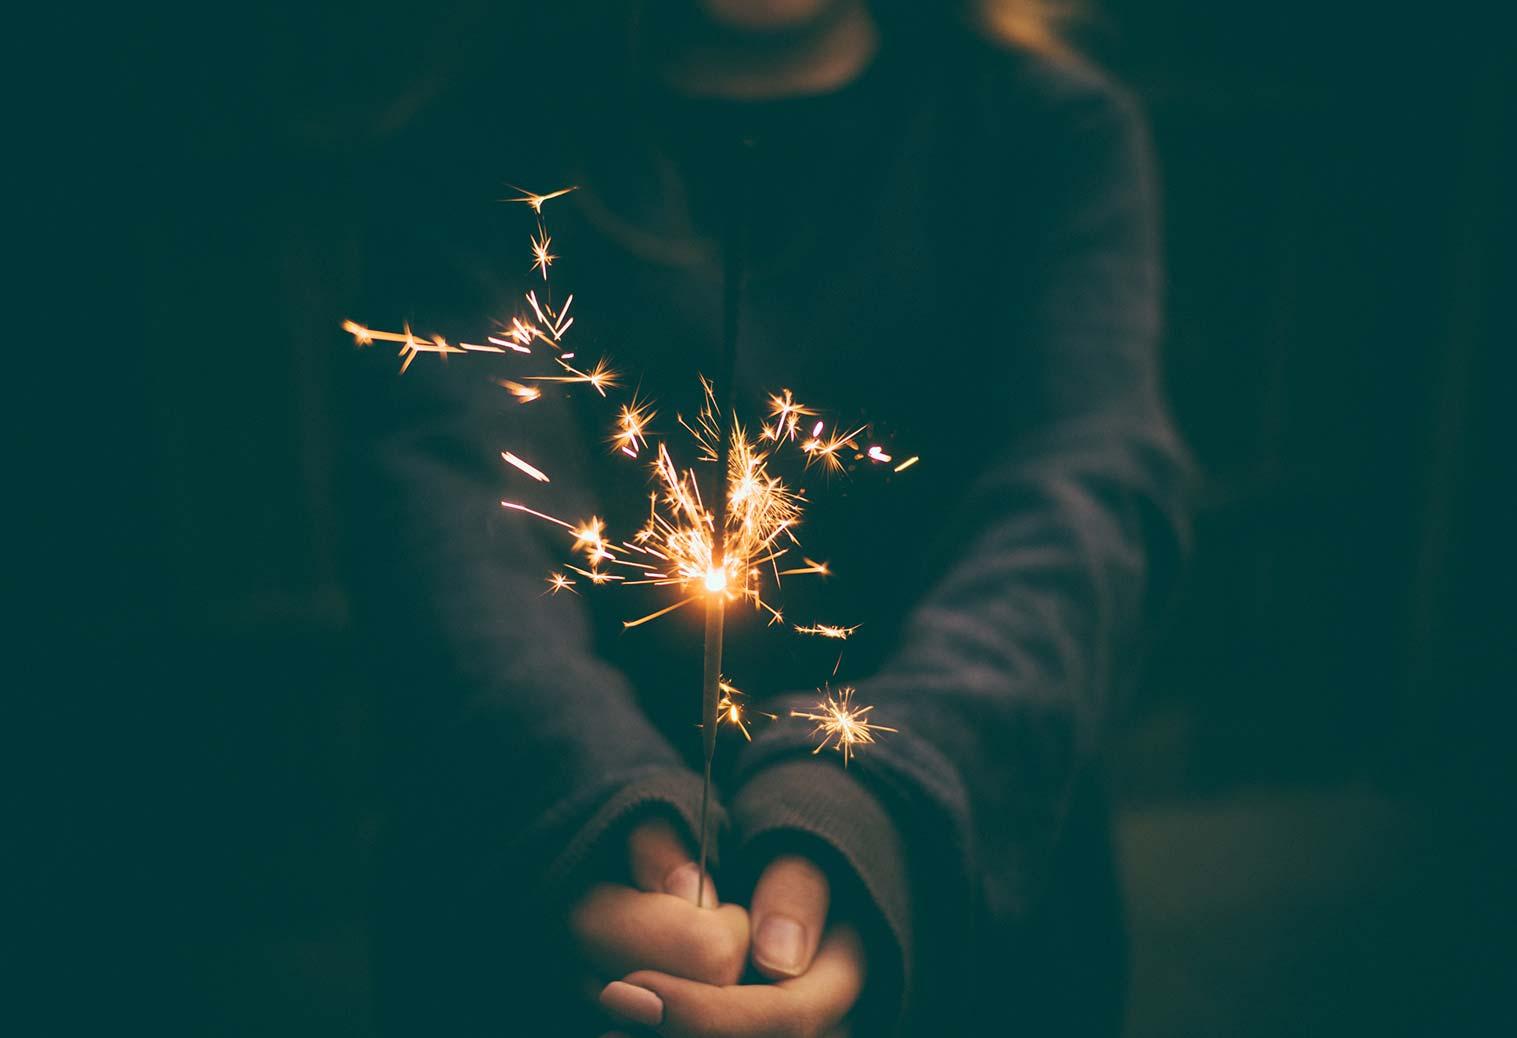 Uitbreiding lesbrief Gelukkig Nieuwjaar!